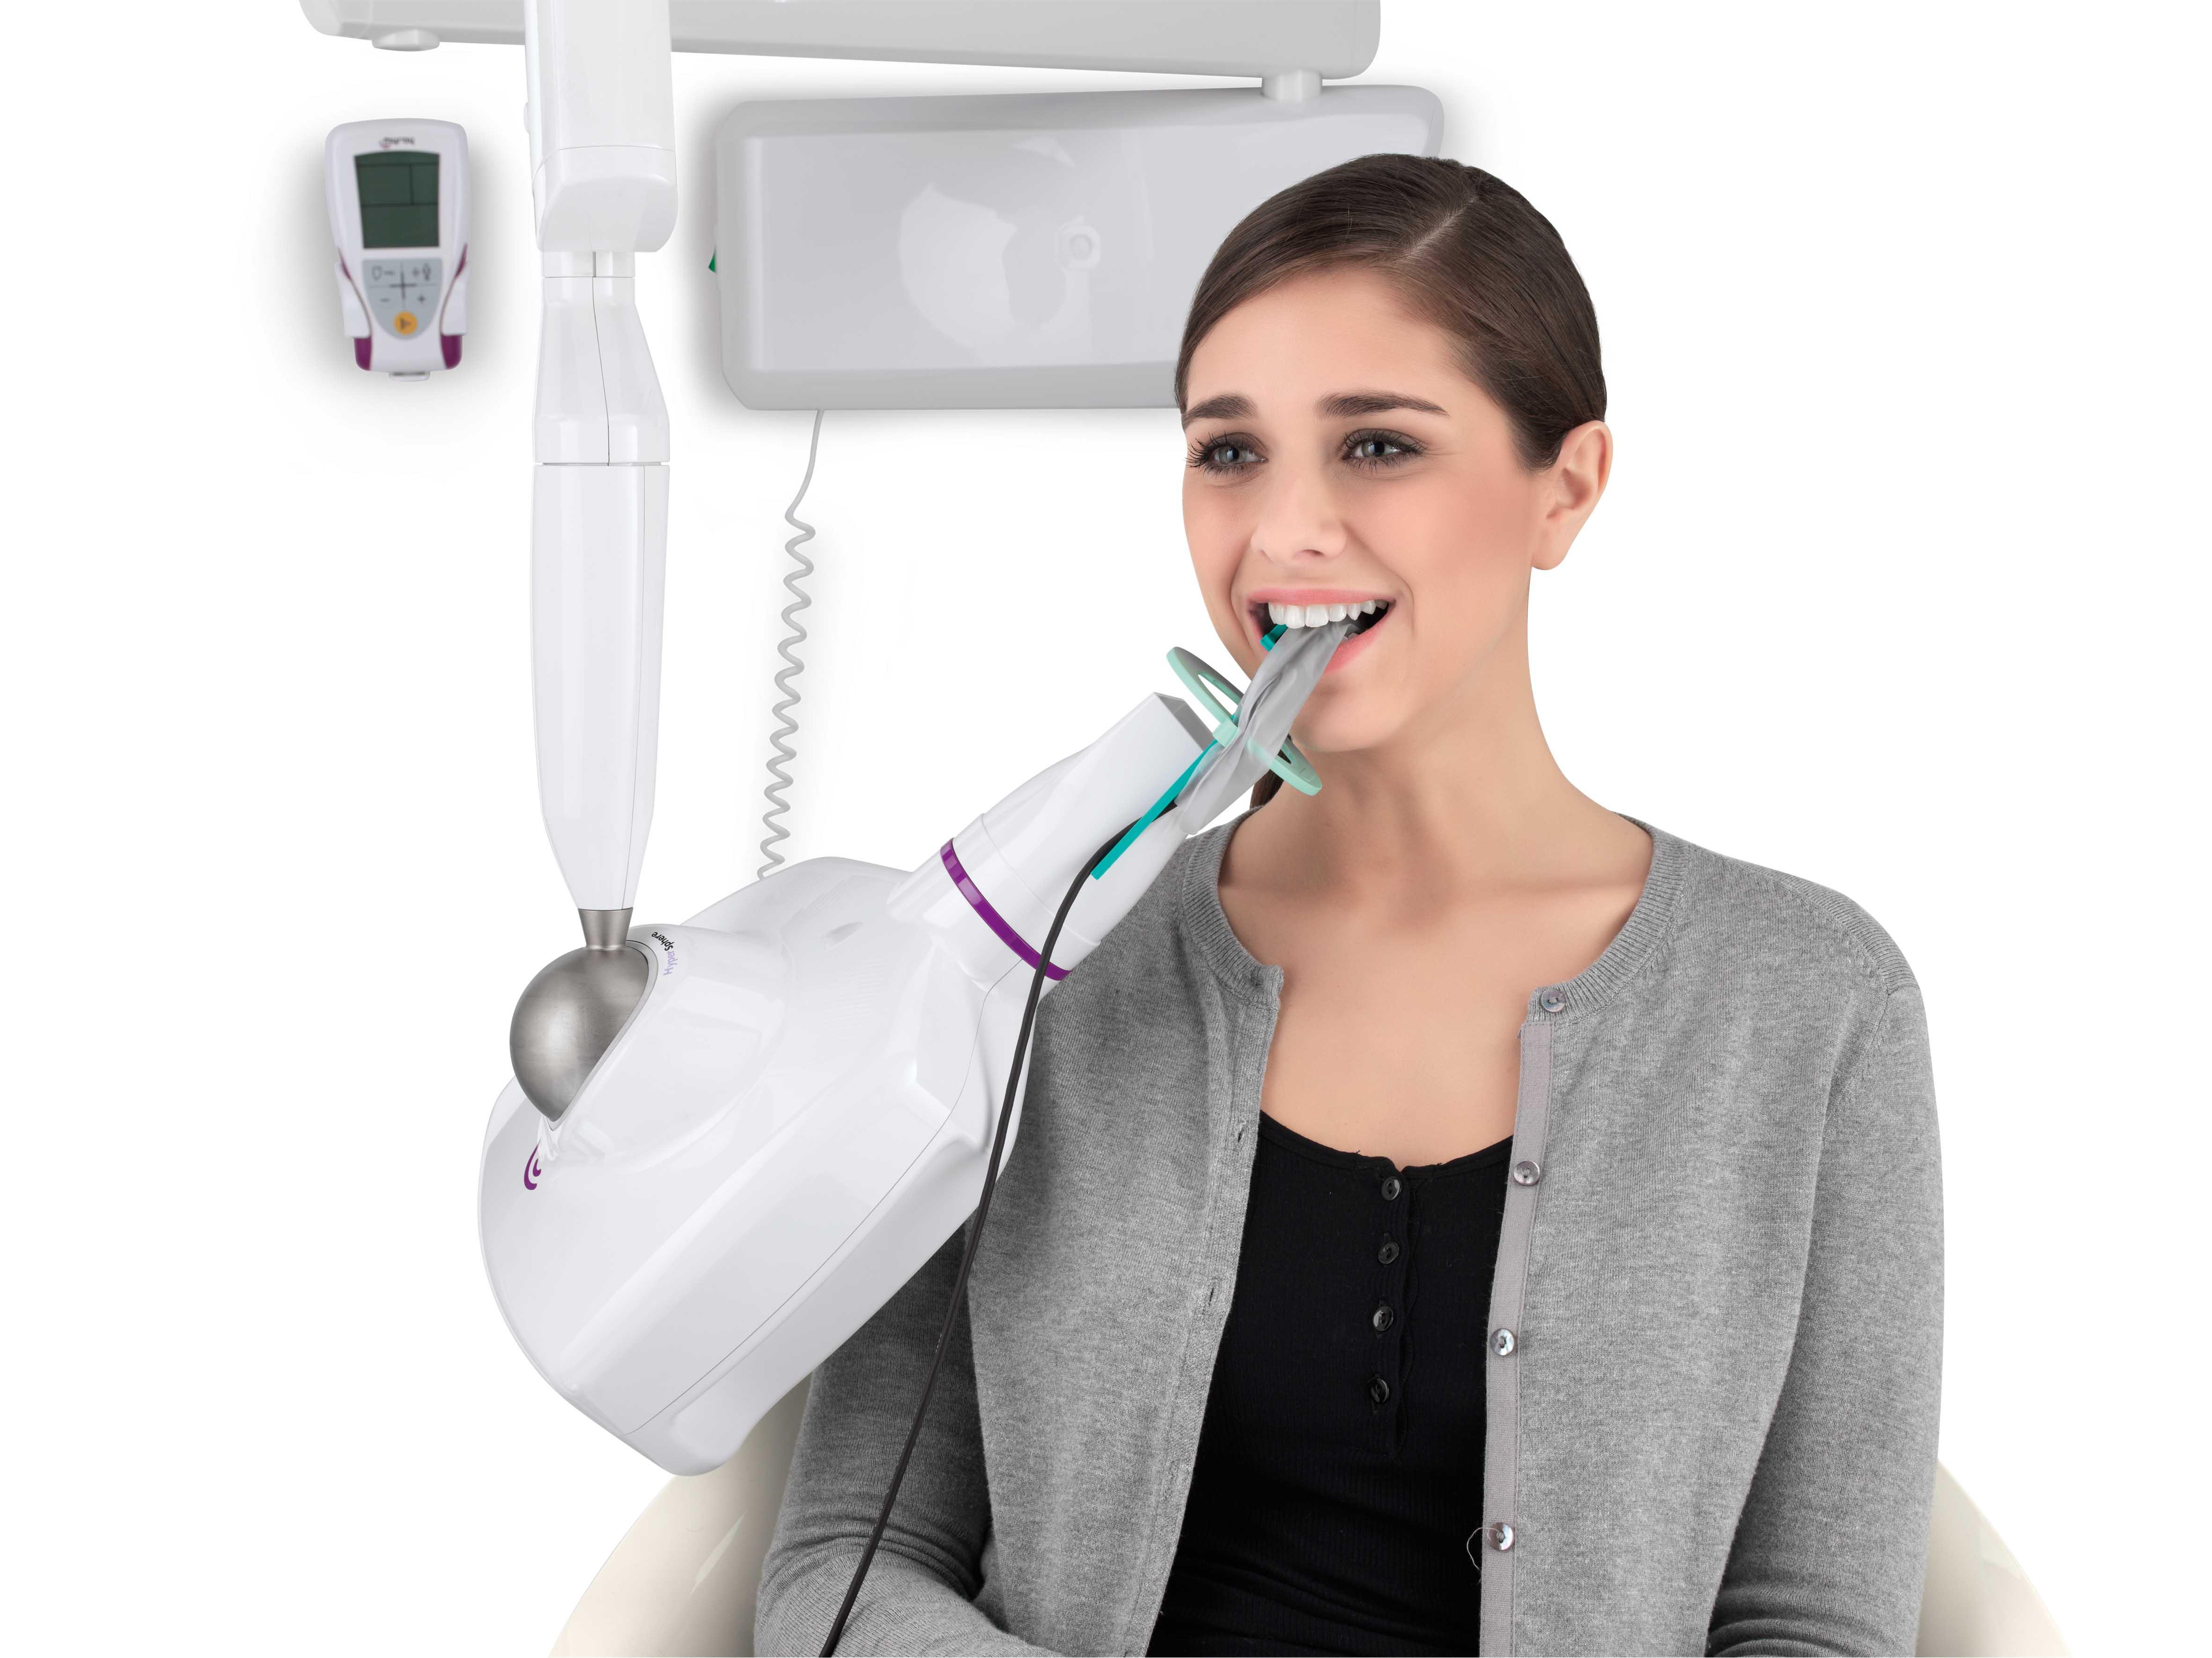 RTG - Zubné intraorálne röntgeny